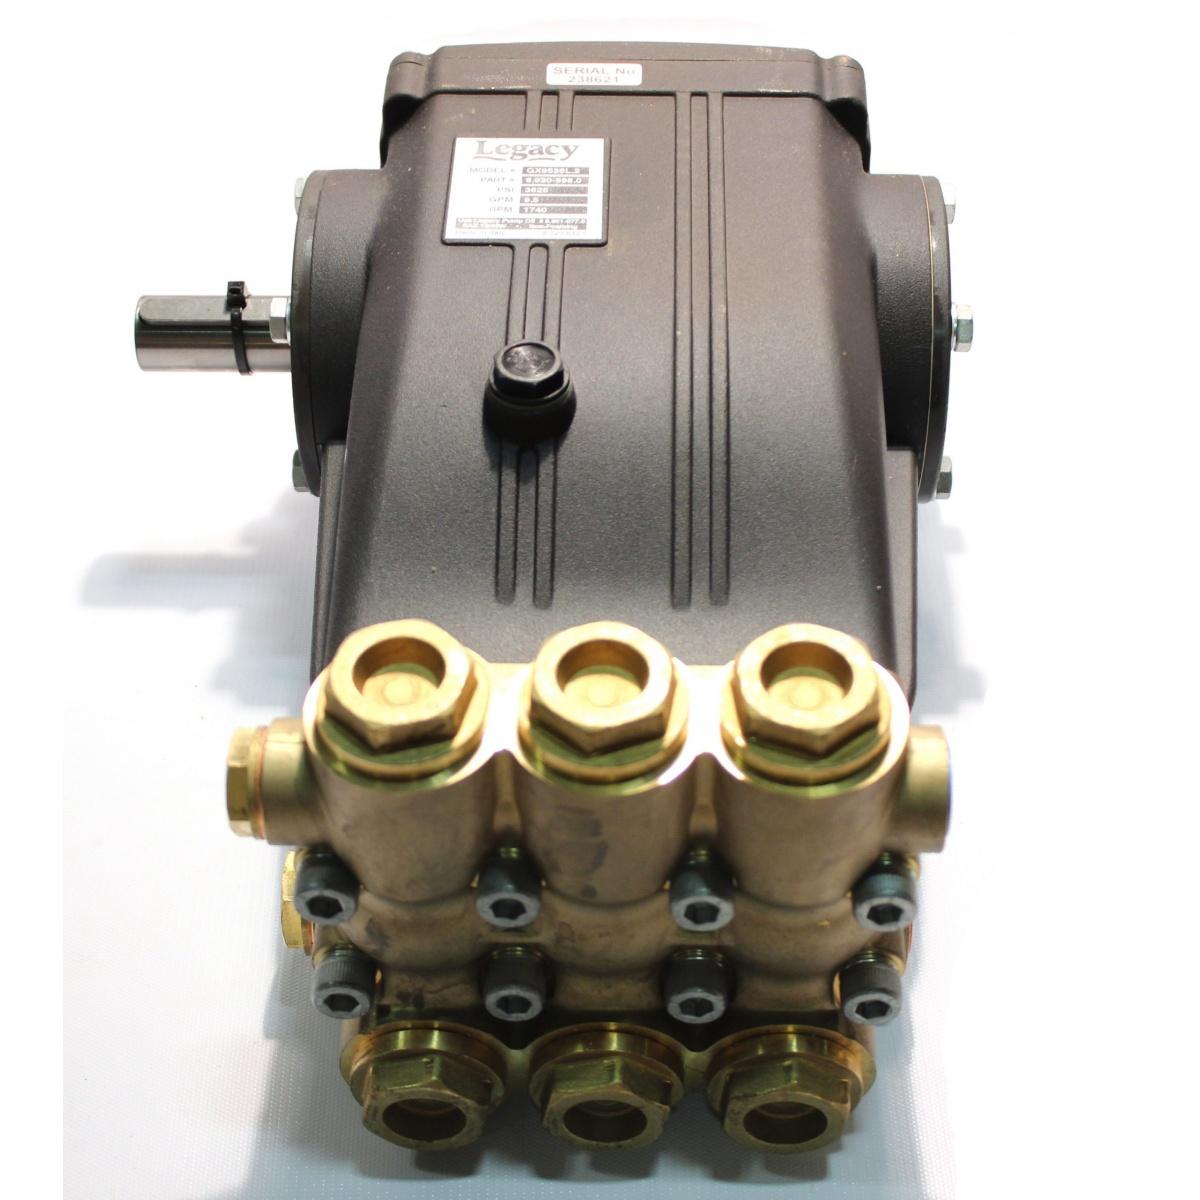 Pump, Legacy Gx9536l.2, 9.5@3625 1740rpm